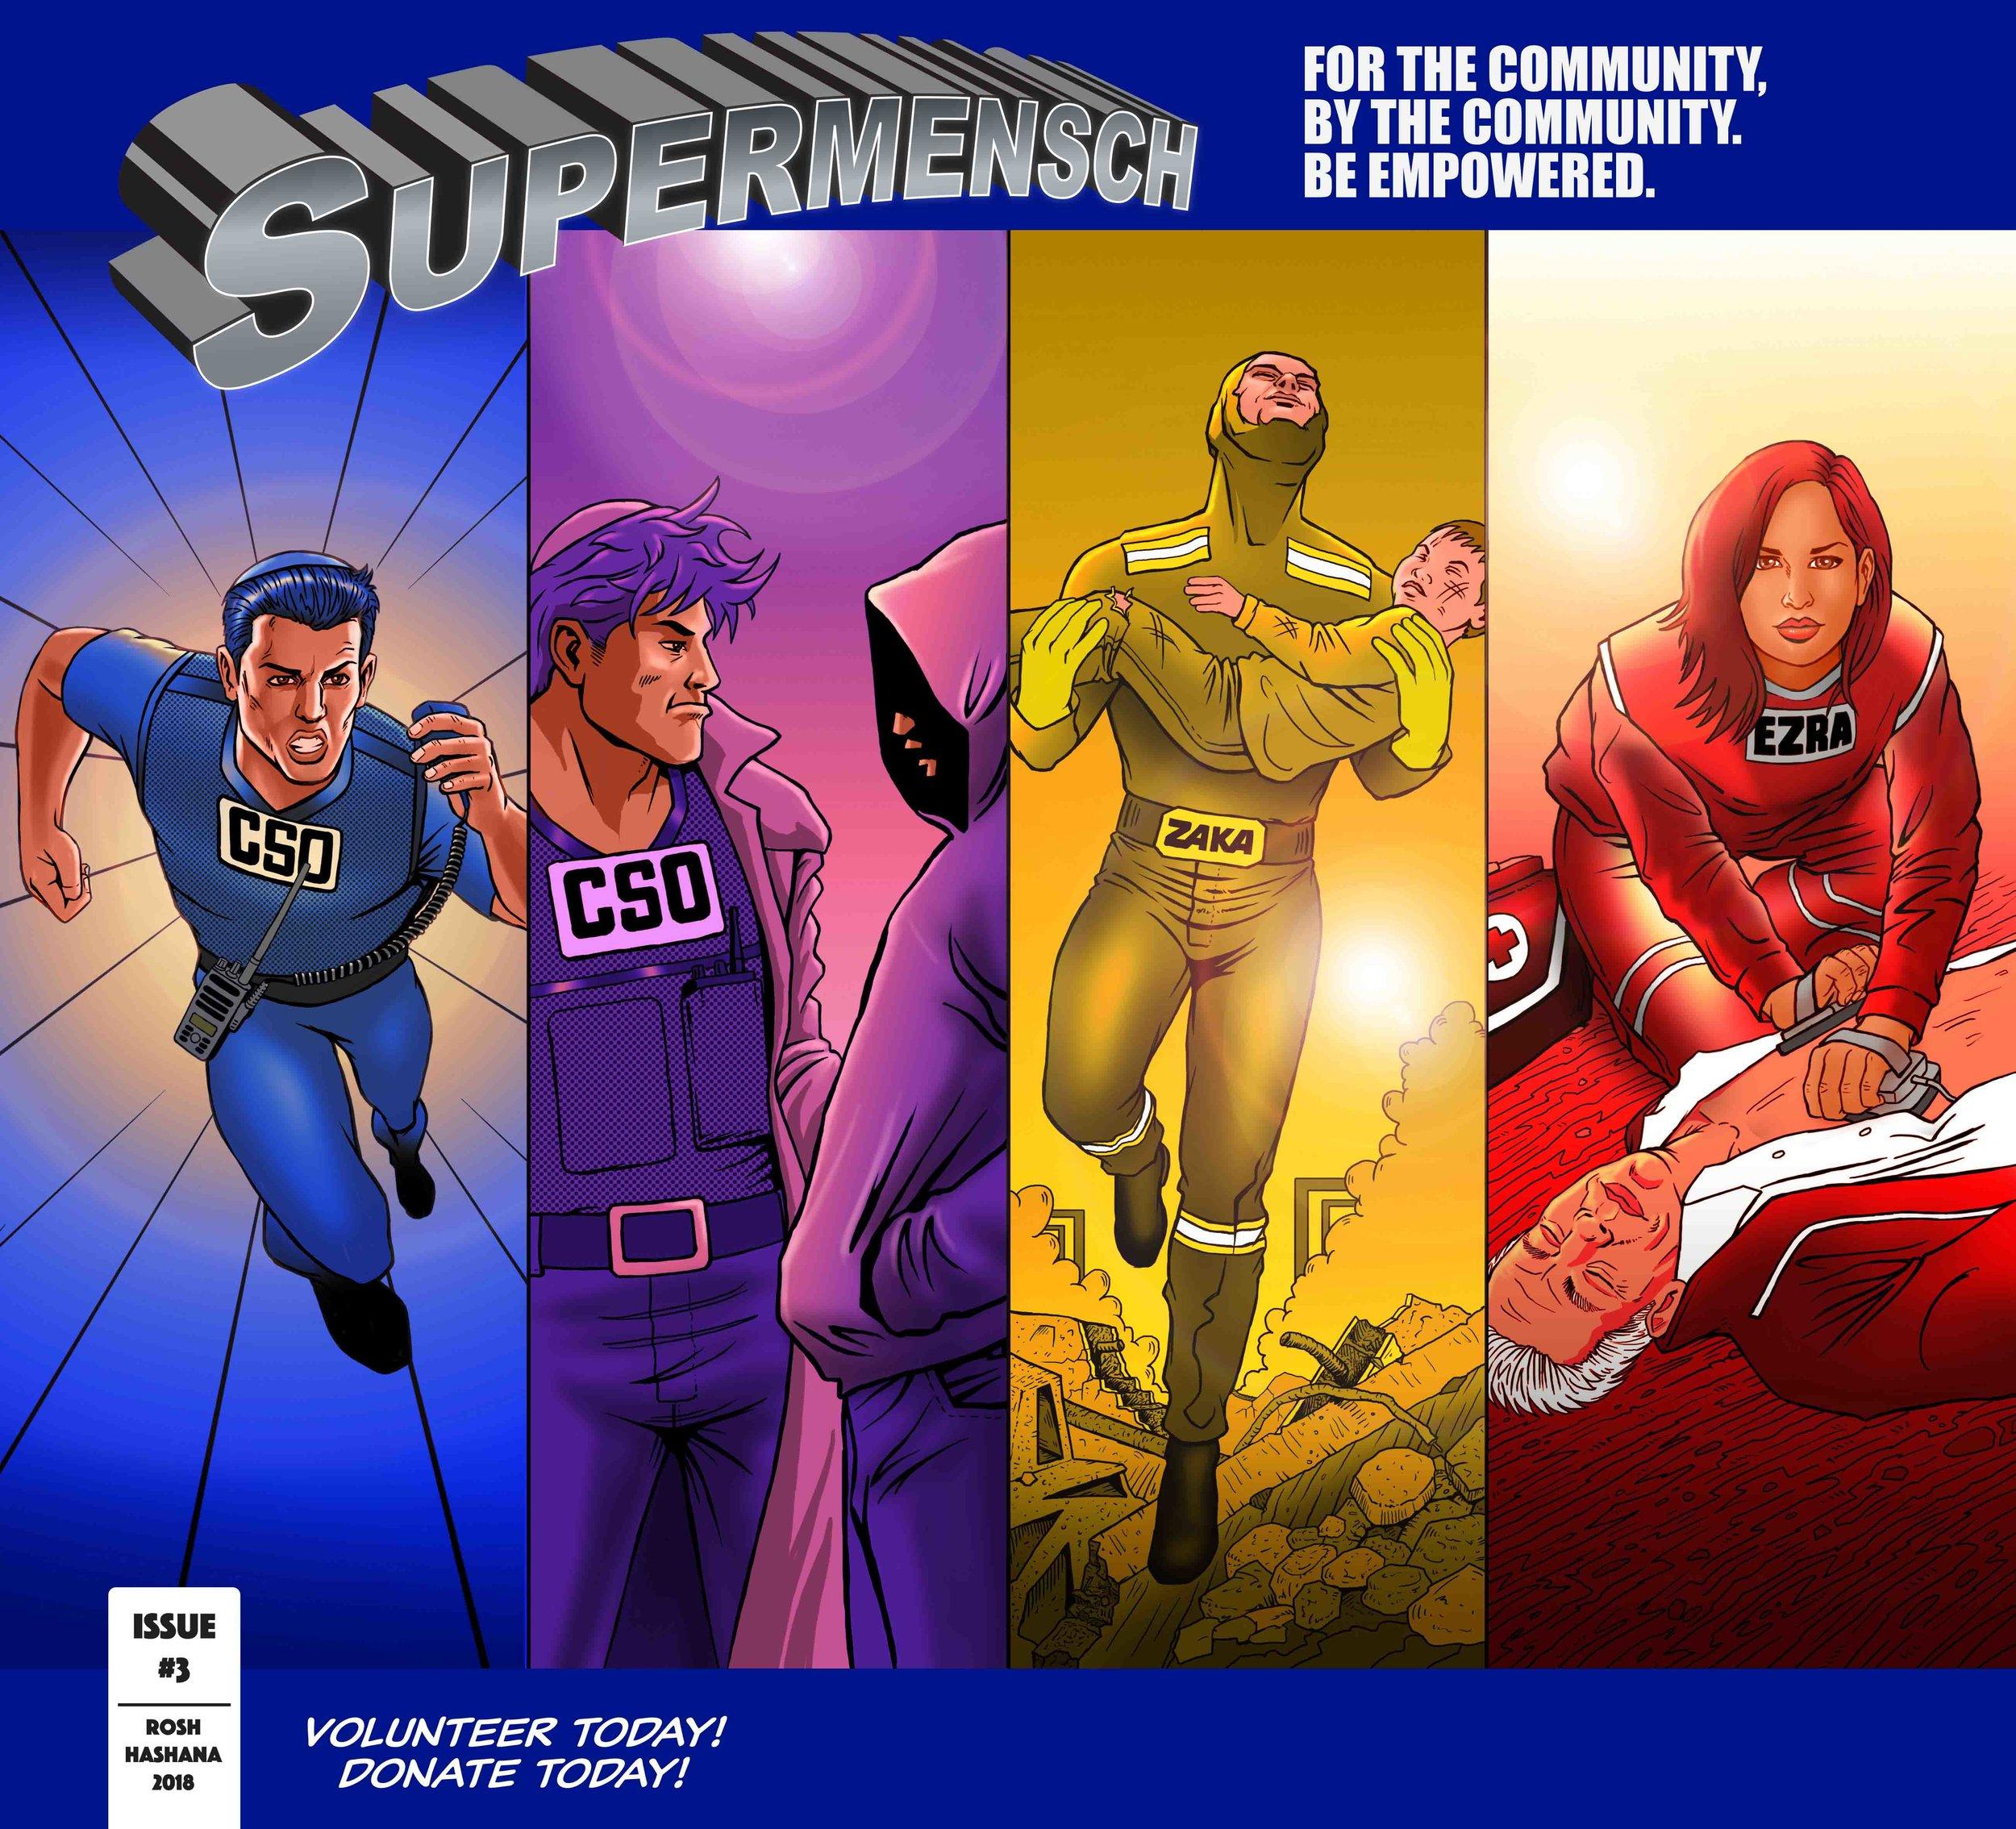 CSo-Avengers-website.jpg